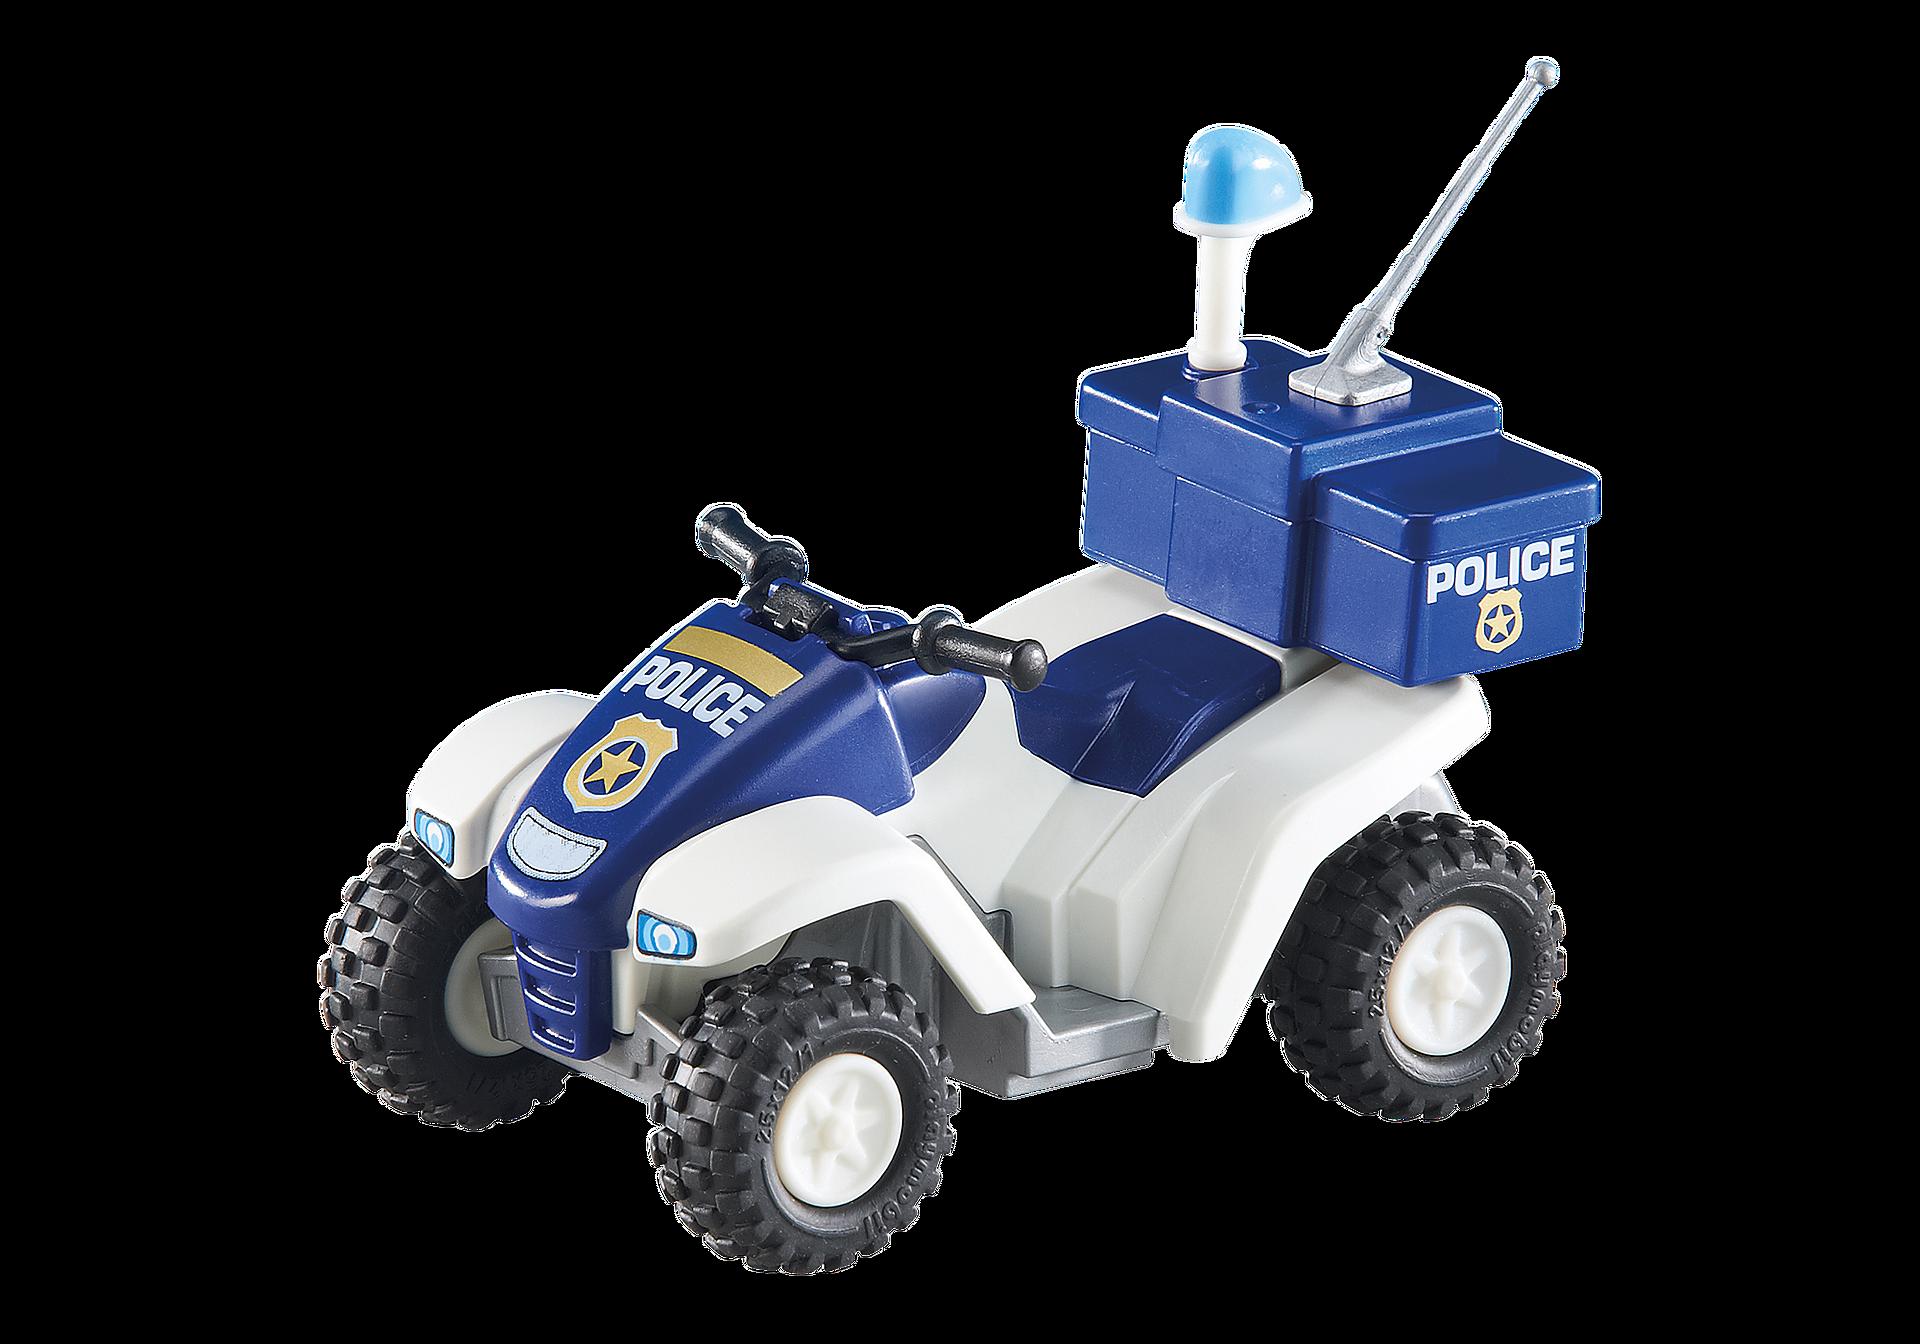 6504 Moto 4 da Polícia zoom image1